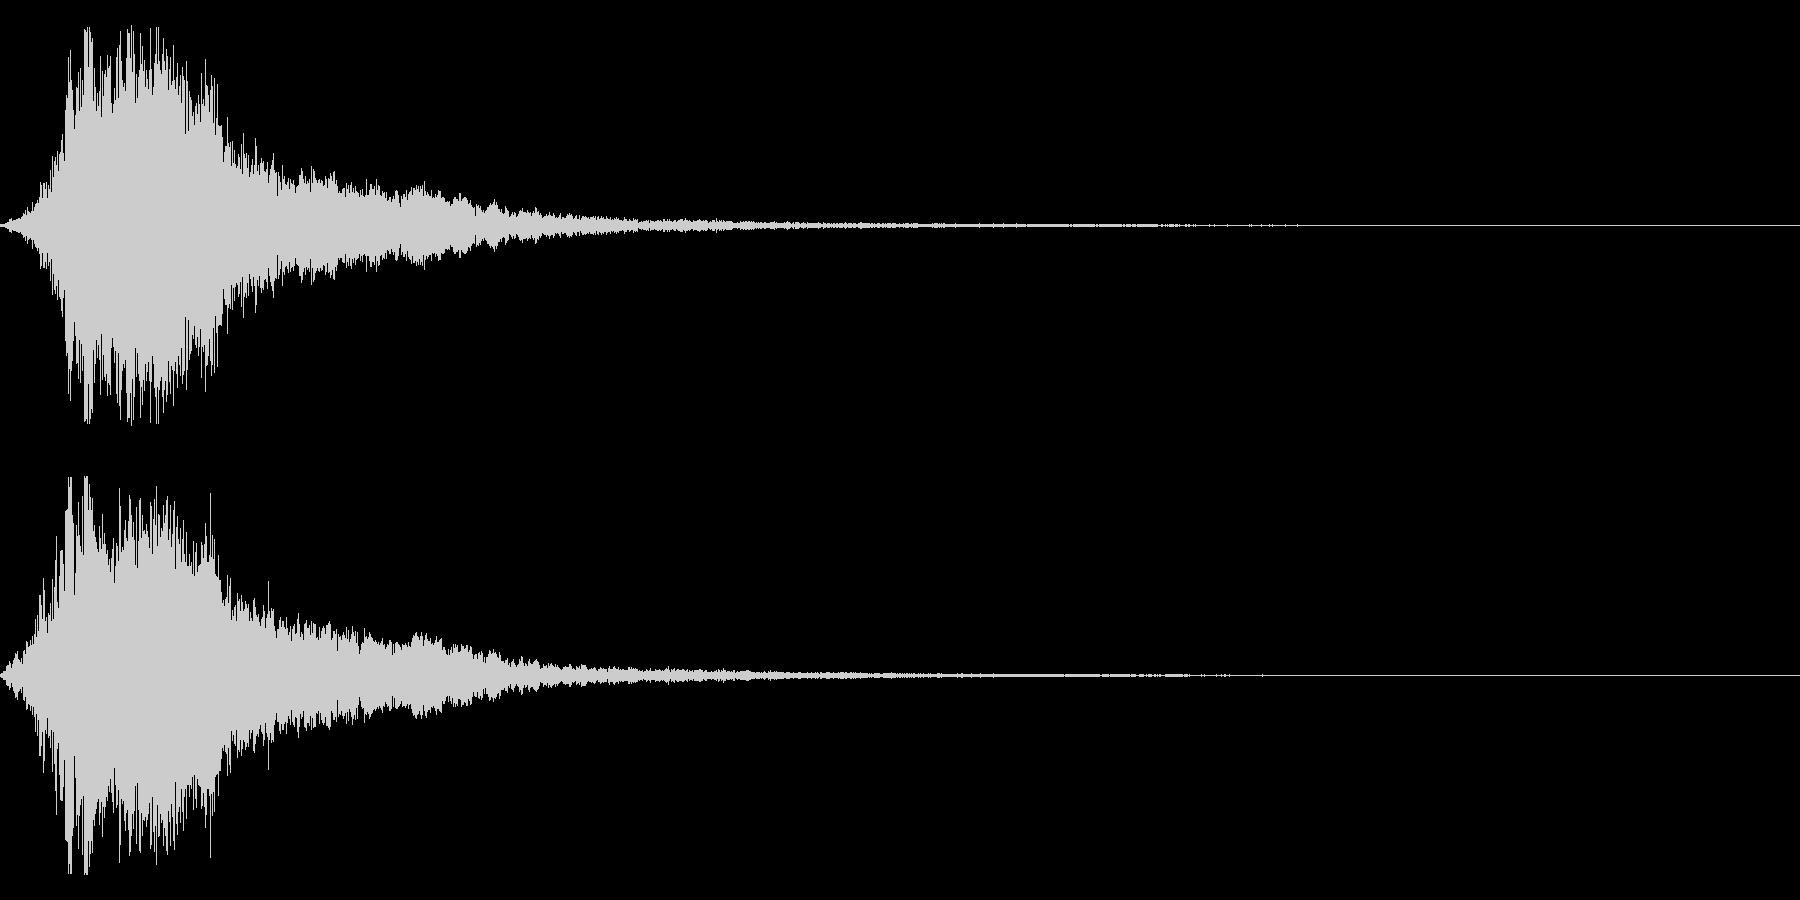 シャキーン!勢いのあるインパクト音03cの未再生の波形